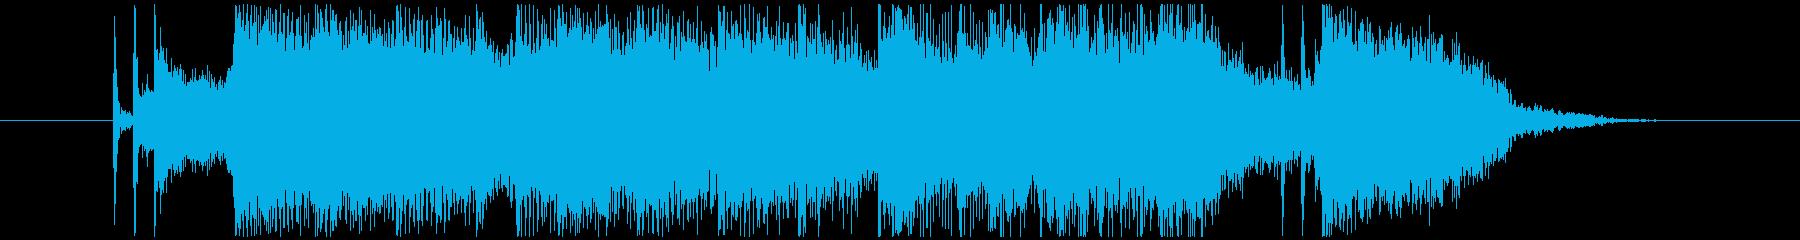 熱いハードロックジングルの再生済みの波形